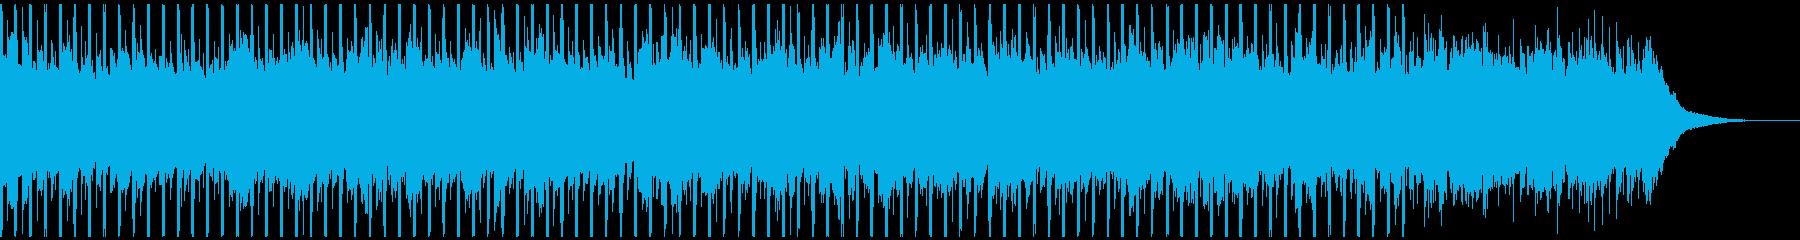 成功のための戦略(60秒)の再生済みの波形